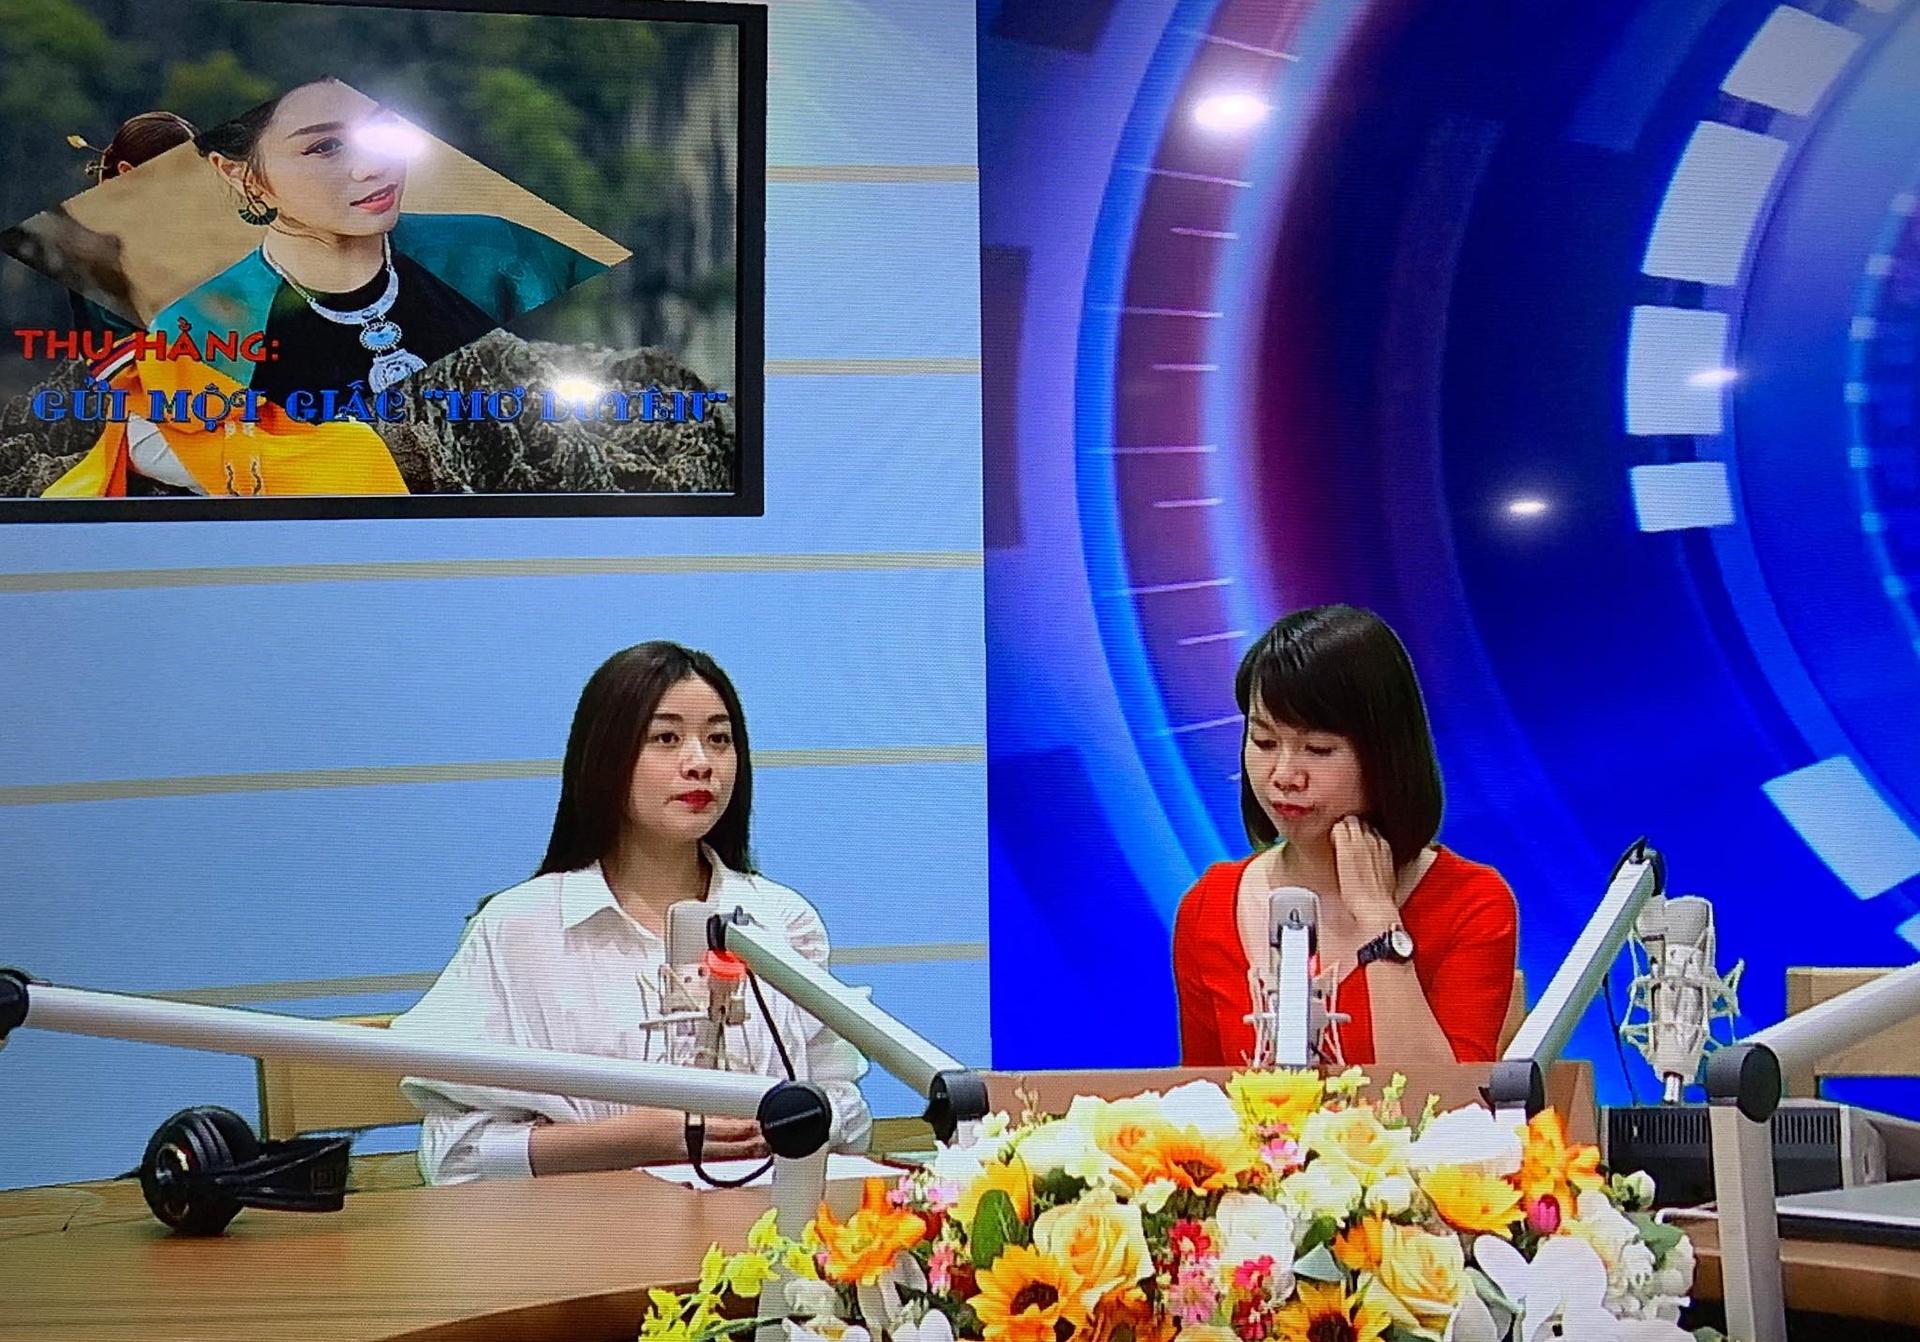 Chat với ca sỹ Thu Hằng - Quán quân Sao Mai dòng nhạc dân gian 2015 (20/7/2019)